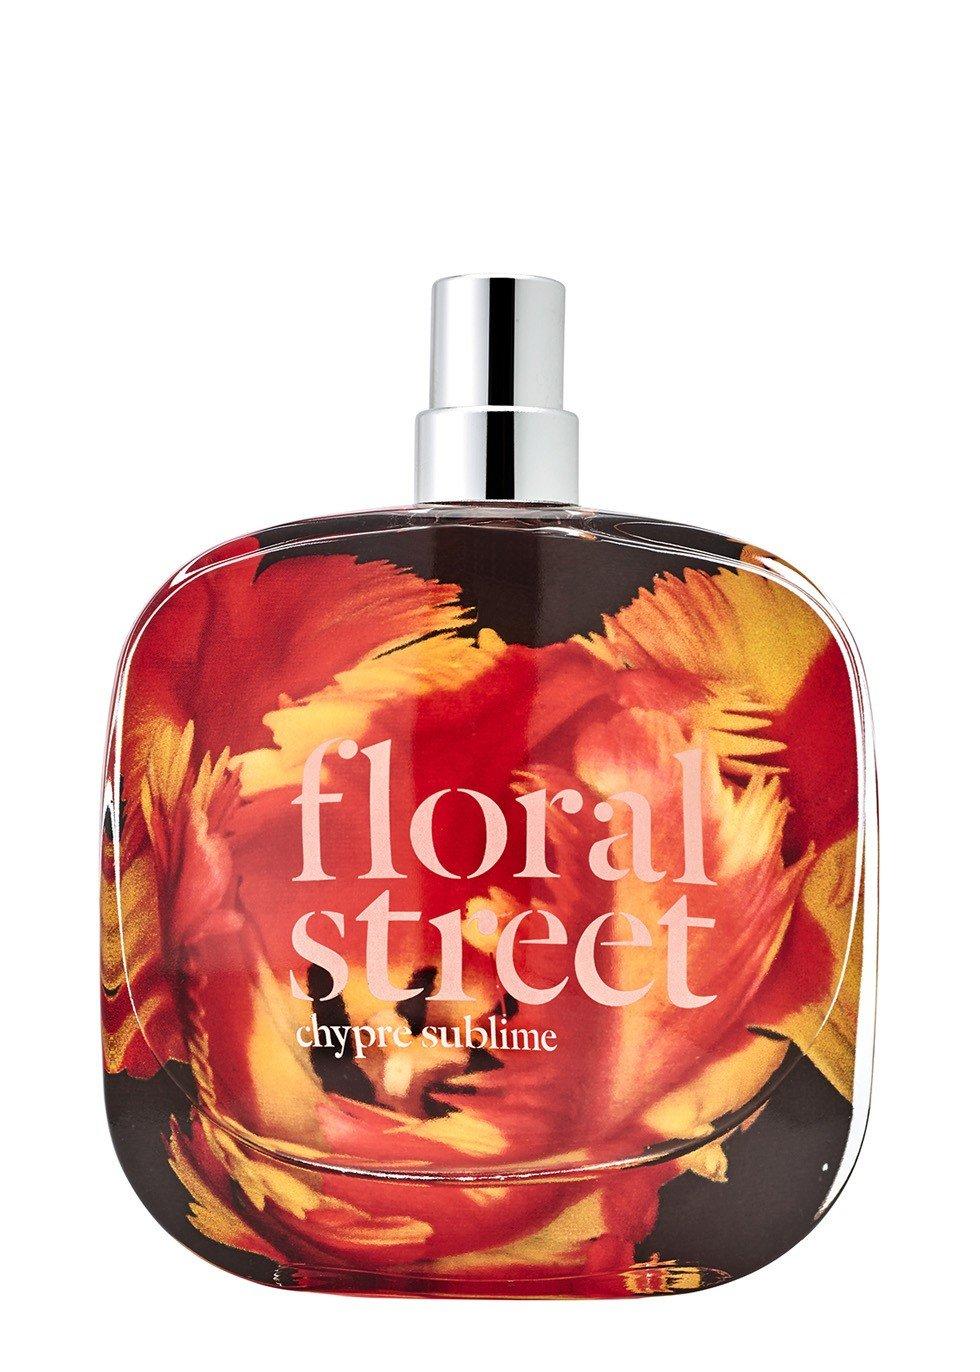 chypre sublime floral street parfum un nouveau parfum pour homme et femme 2017. Black Bedroom Furniture Sets. Home Design Ideas